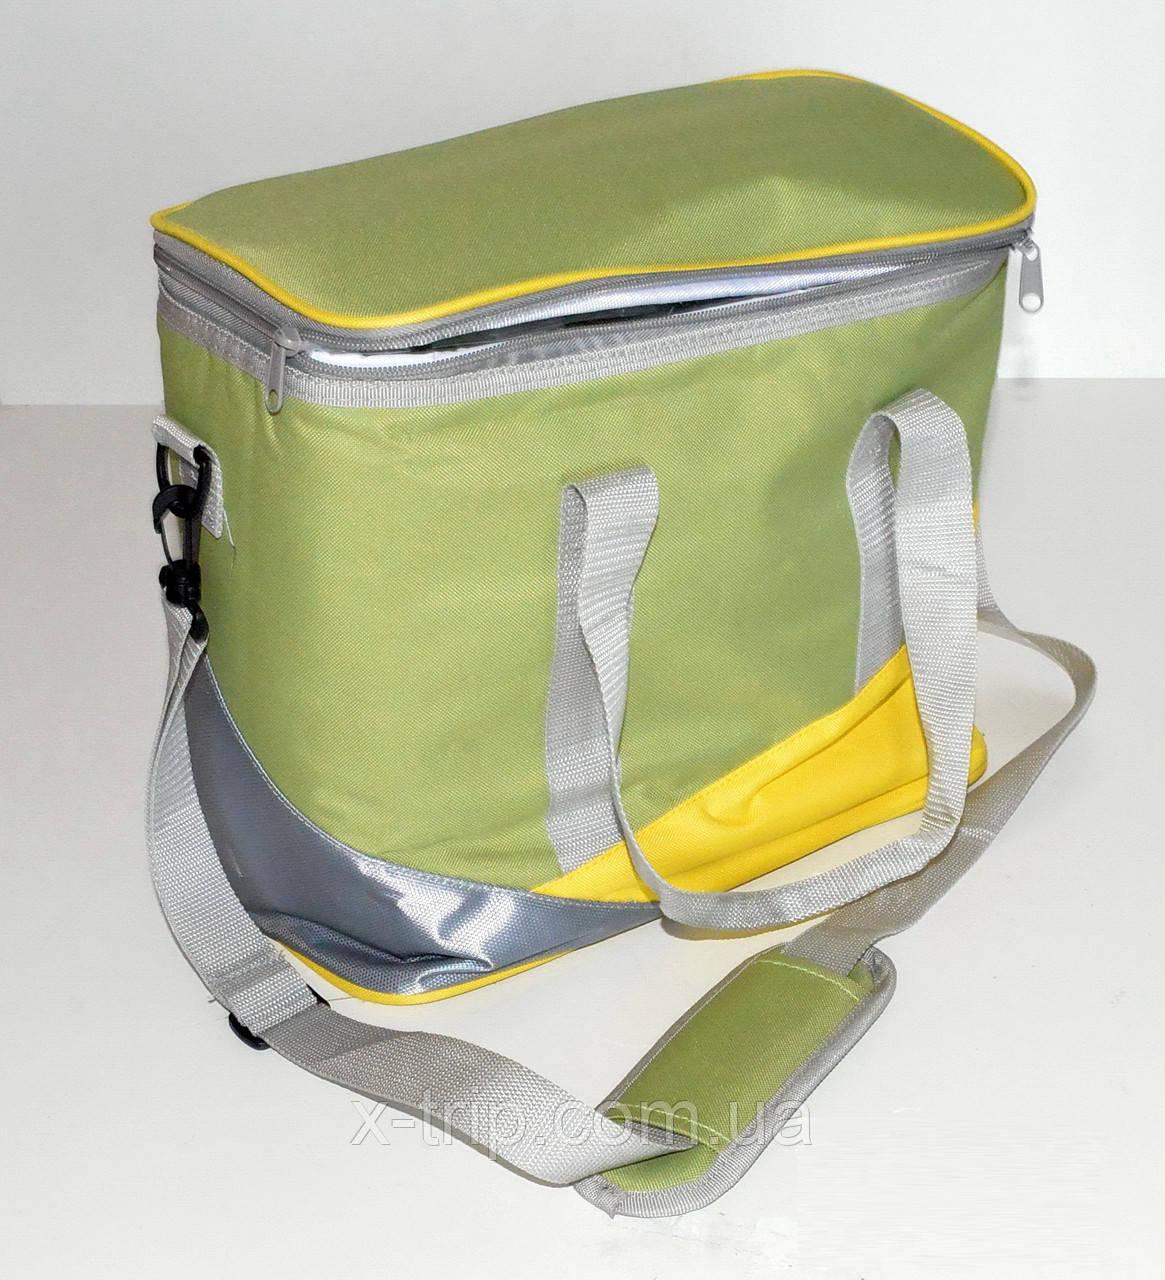 Сумка изотермическая HB5-824 для пикника